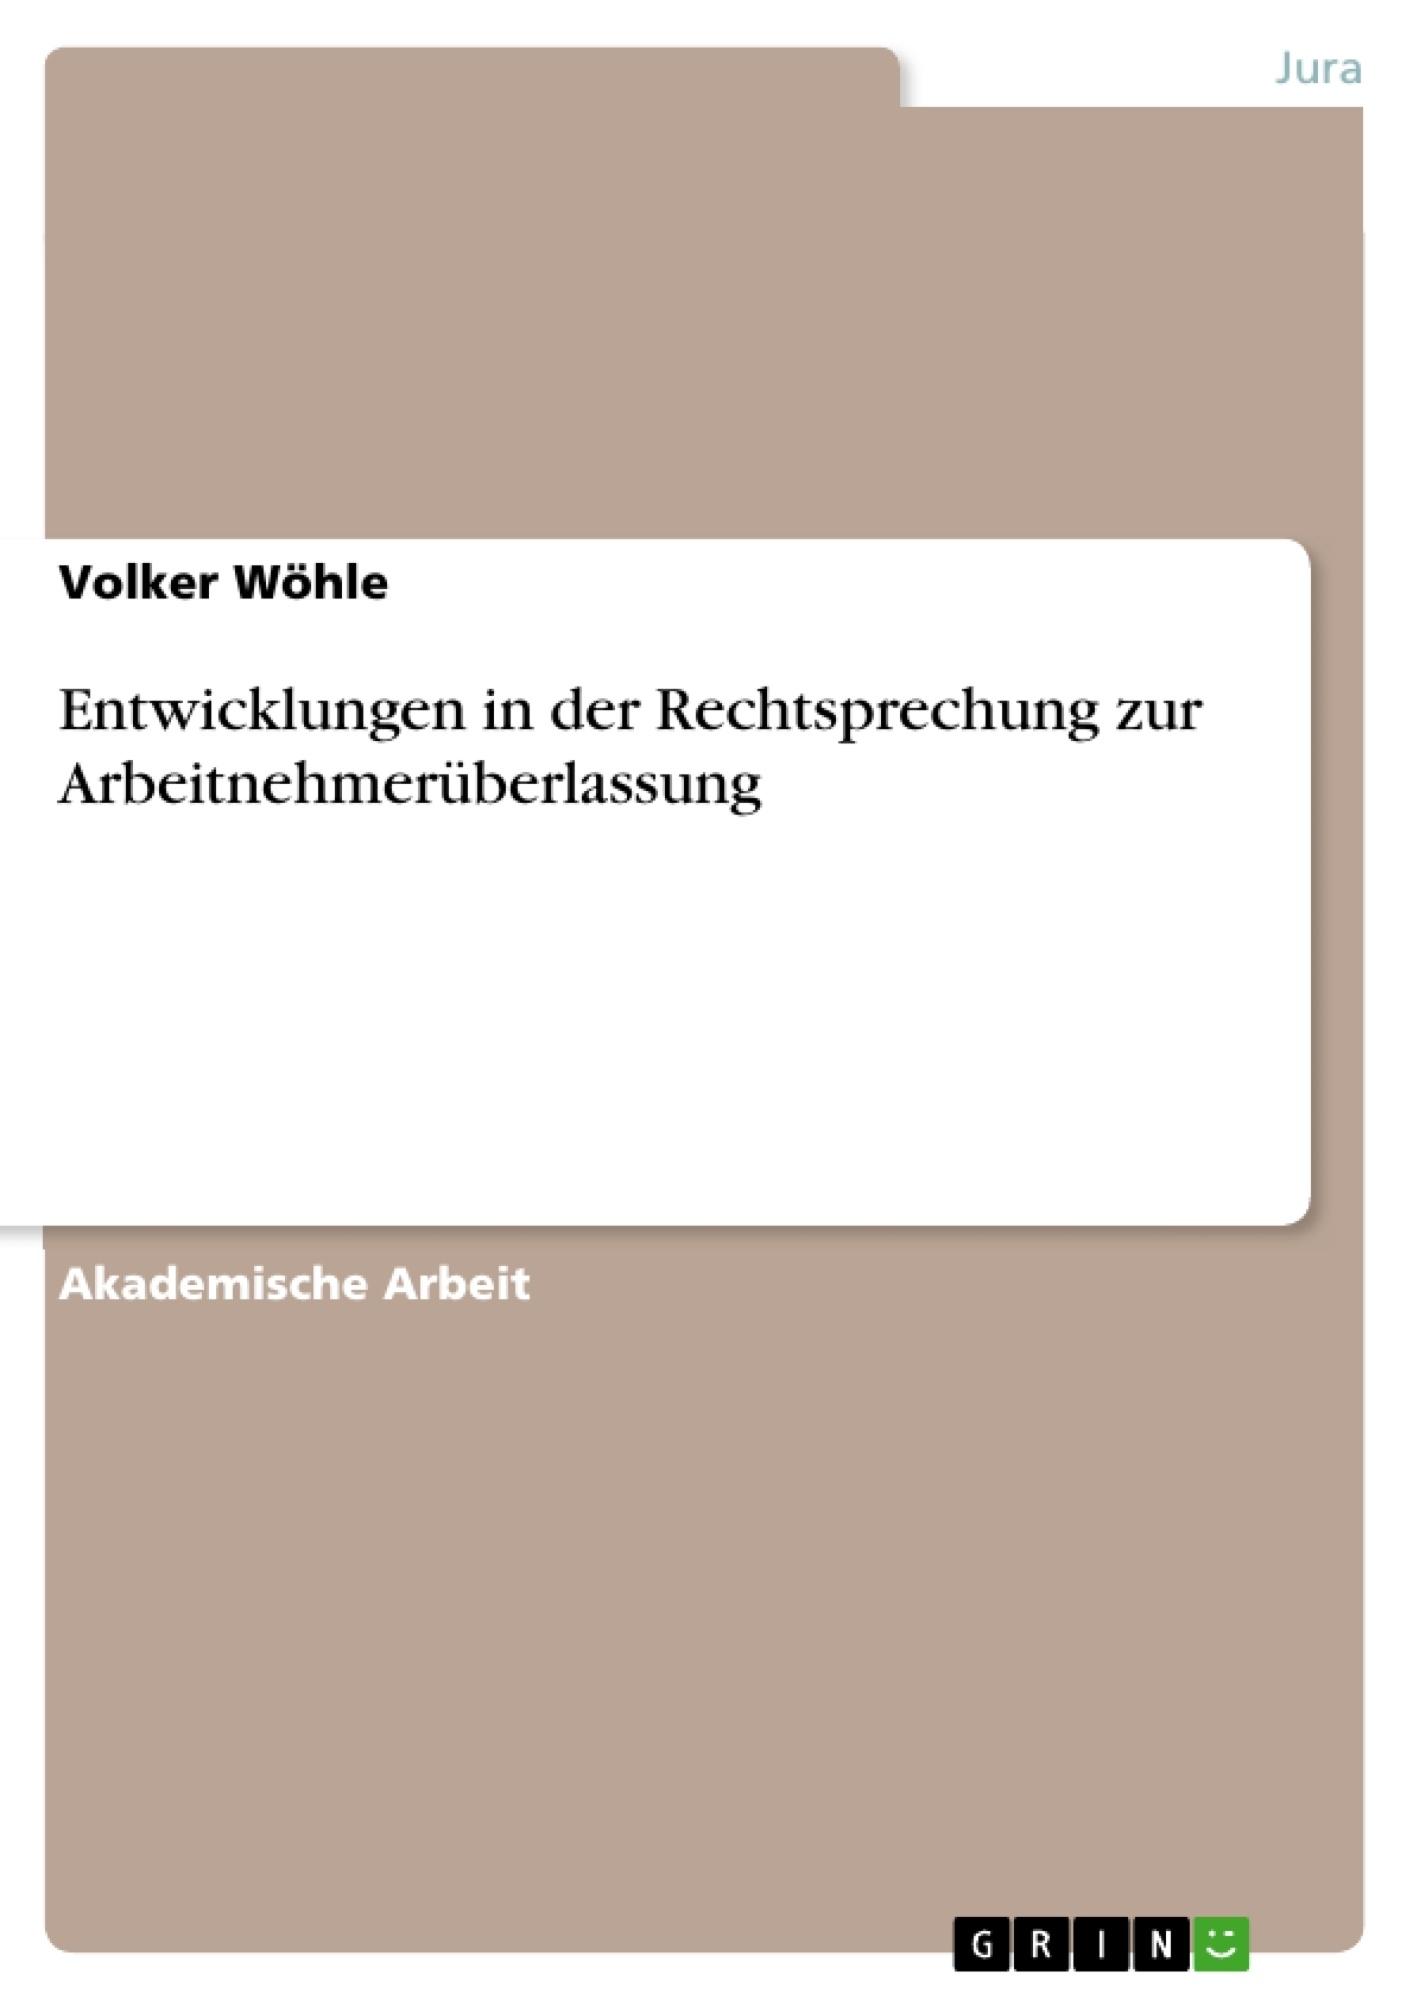 Titel: Entwicklungen in der Rechtsprechung zur Arbeitnehmerüberlassung